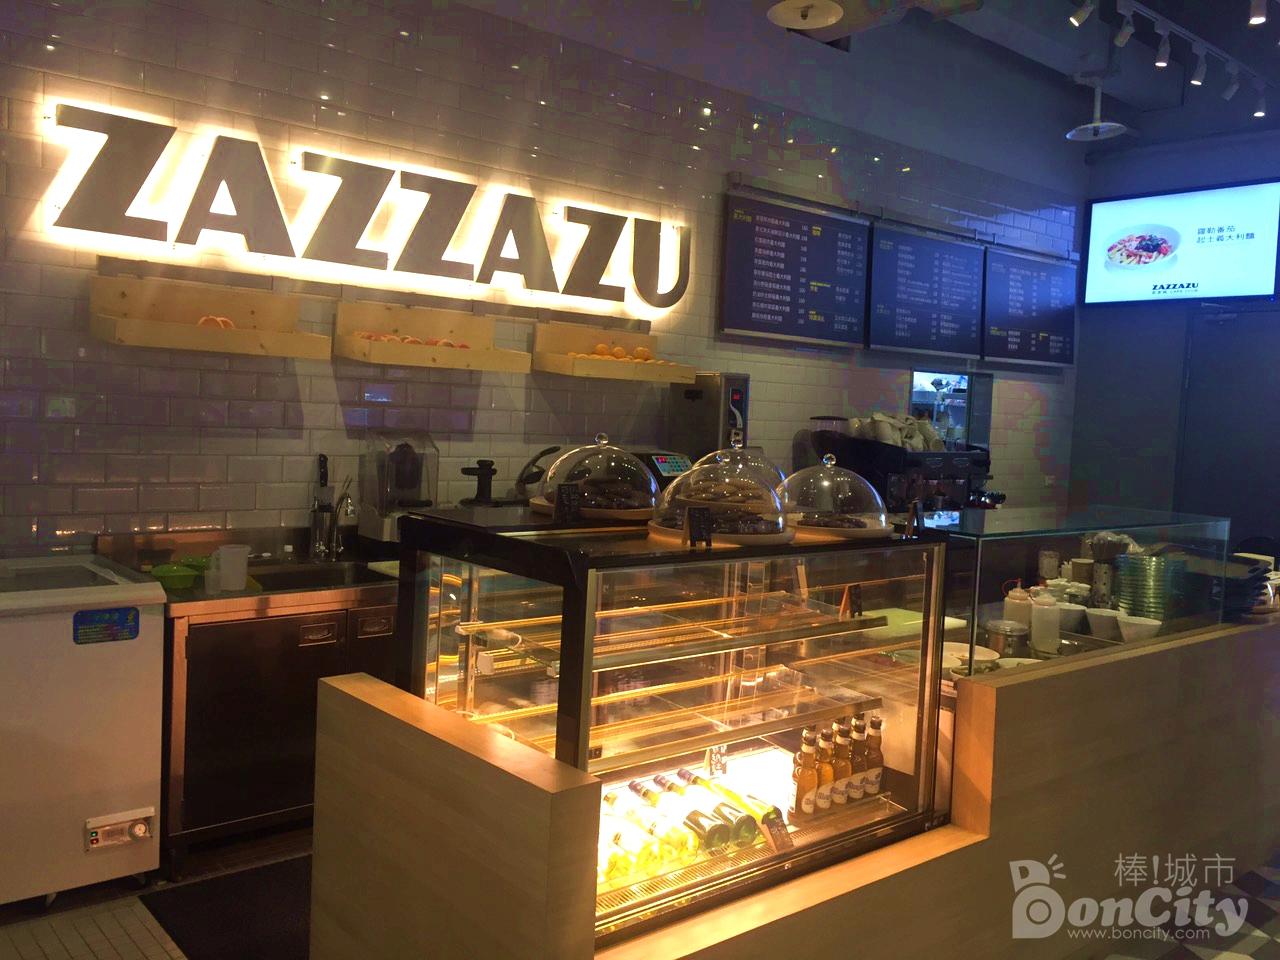 《平價手作輕食》Zazzazu查查路